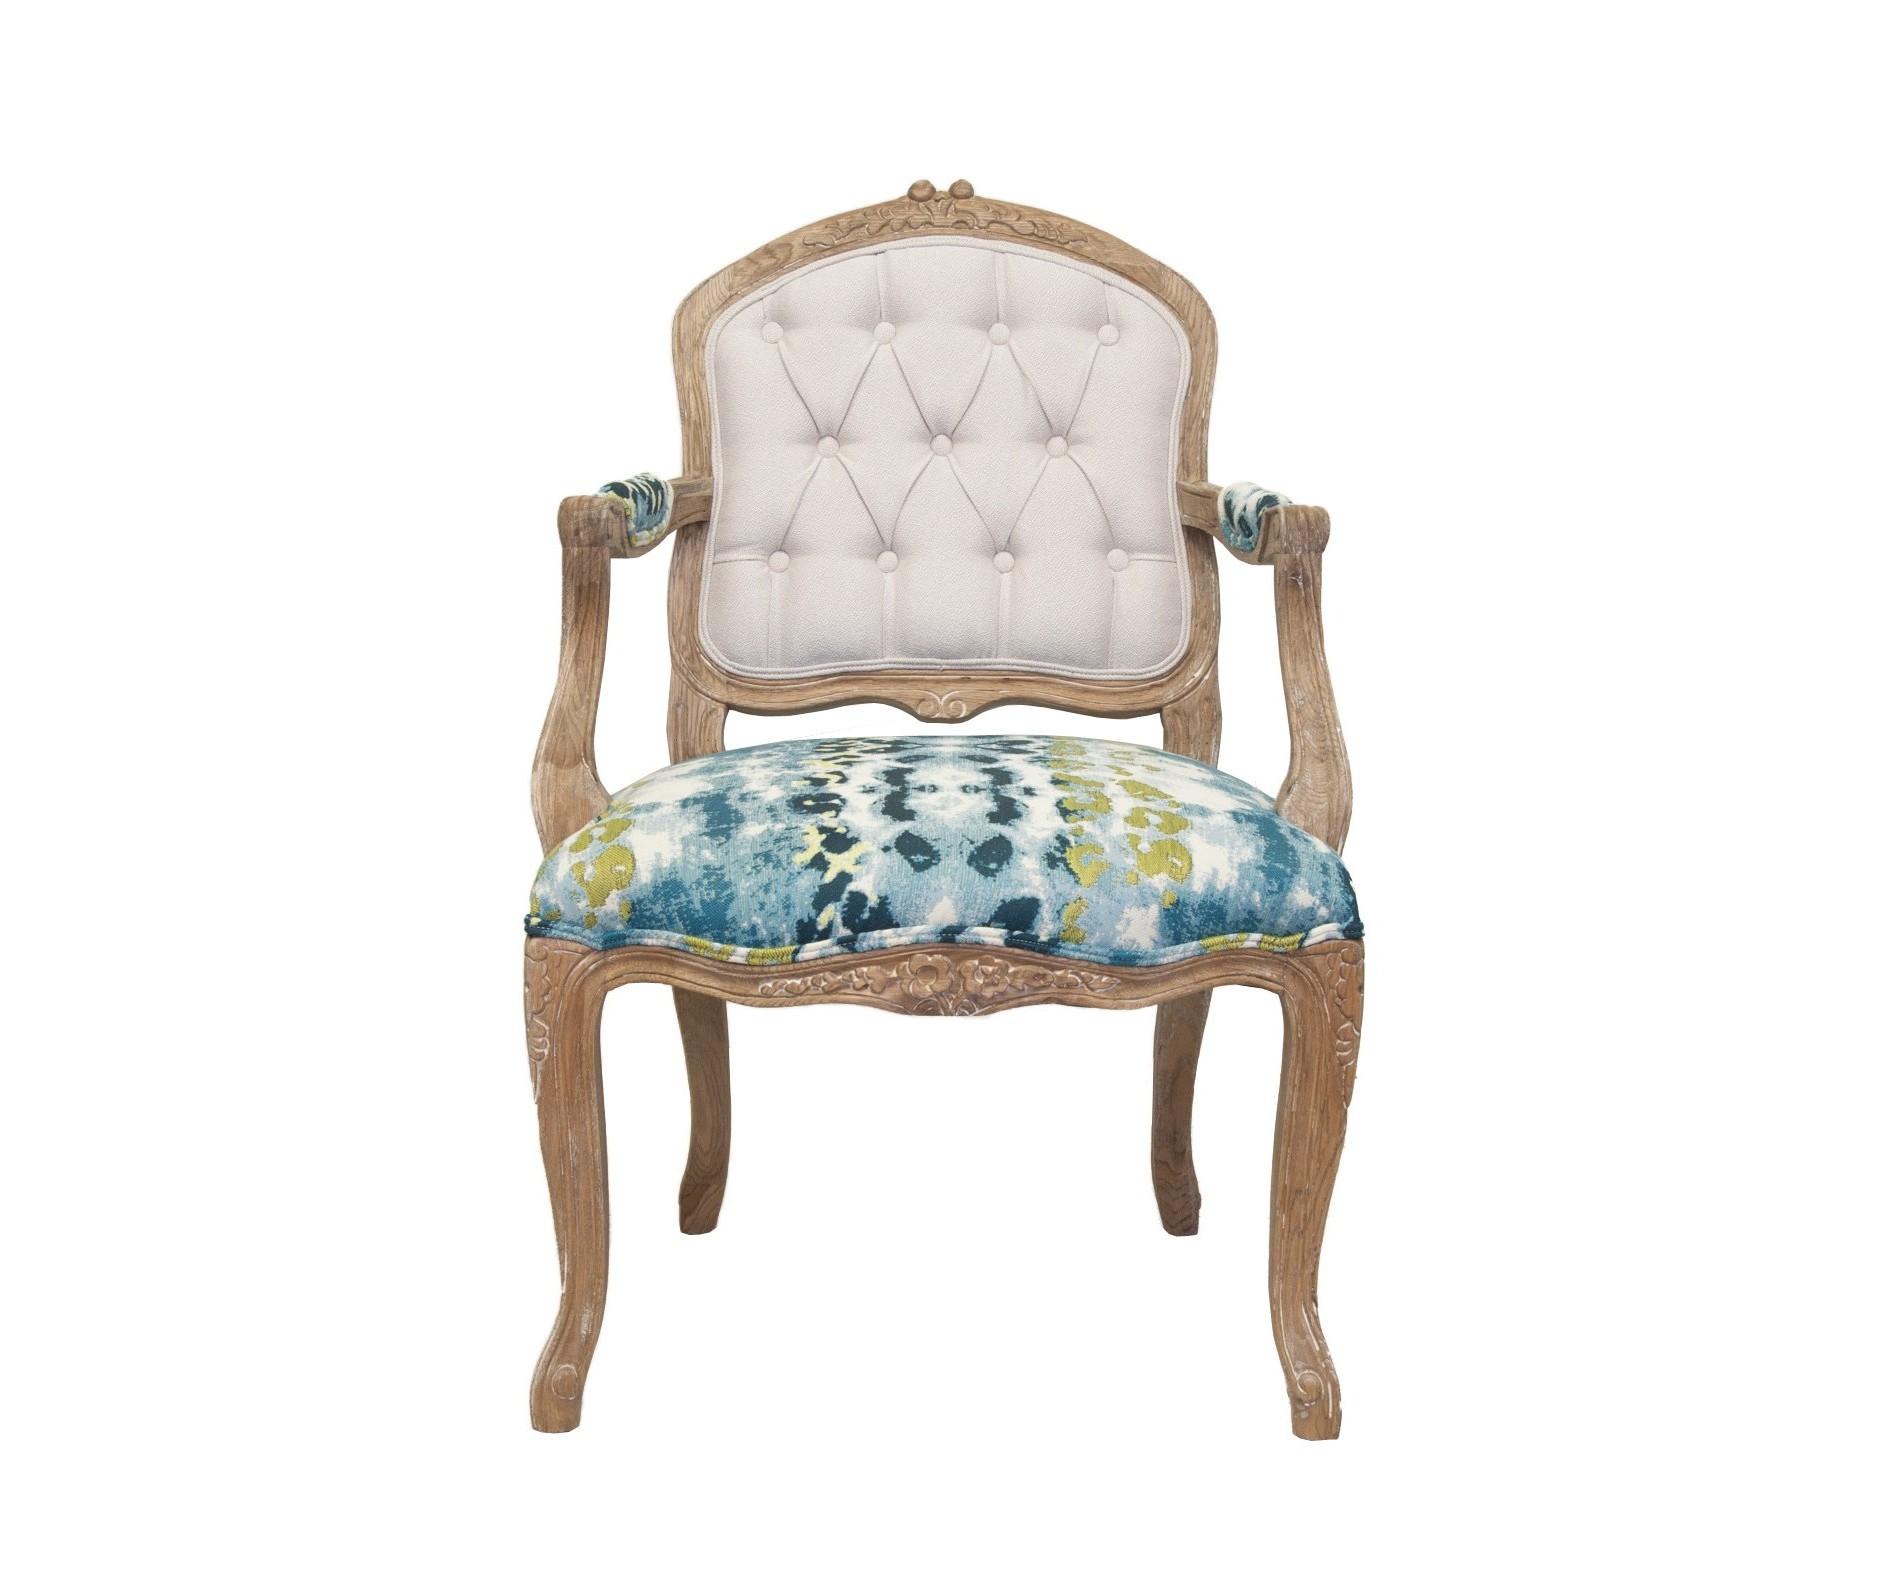 Кресло MonesКресла с высокой спинкой<br>Кресло Mones такое обворожительное и элегантное! Красивый резной каркас, приятная фактурная обивка кресла, нежная цветовая гамма - всё это создаёт его неповторимый образ. Такое кресло будет шикарно смотреться не только в гостинной или столовой, но и в интерьере спальни тоже.&amp;amp;nbsp;<br><br>Material: Текстиль<br>Ширина см: 61<br>Высота см: 98<br>Глубина см: 67